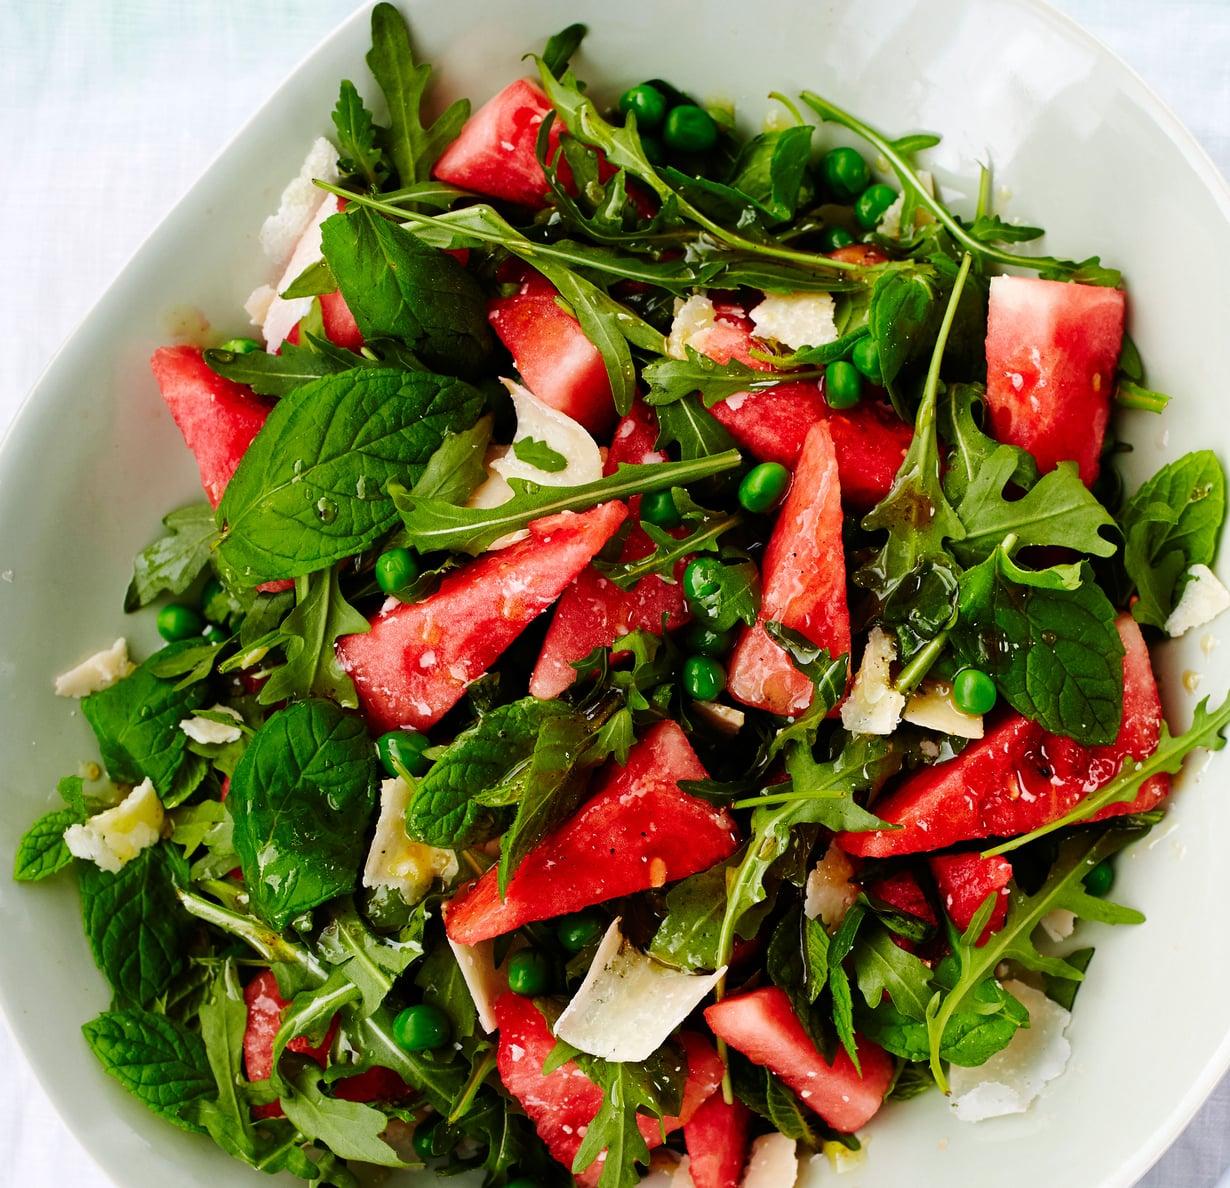 Salaatin melonisattumat ovat suosittuja. Älä säästele niissä.